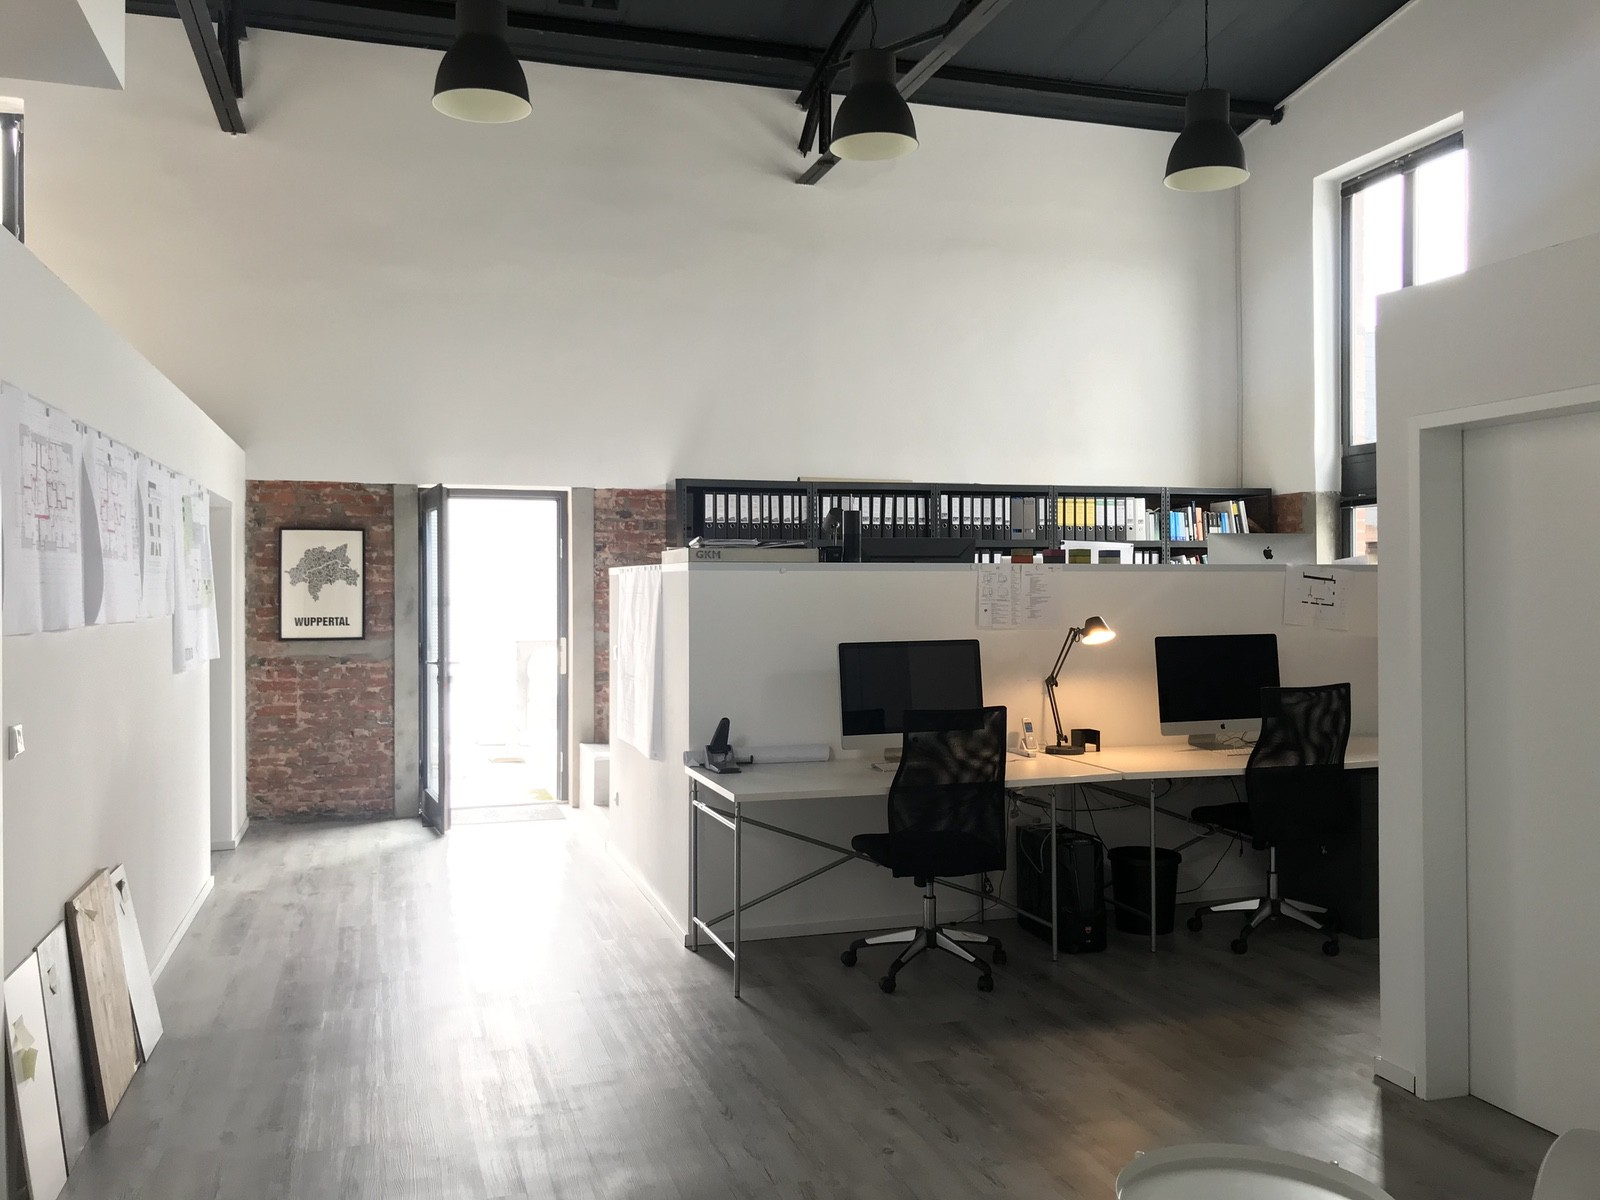 Büroräume in Bestandshalle